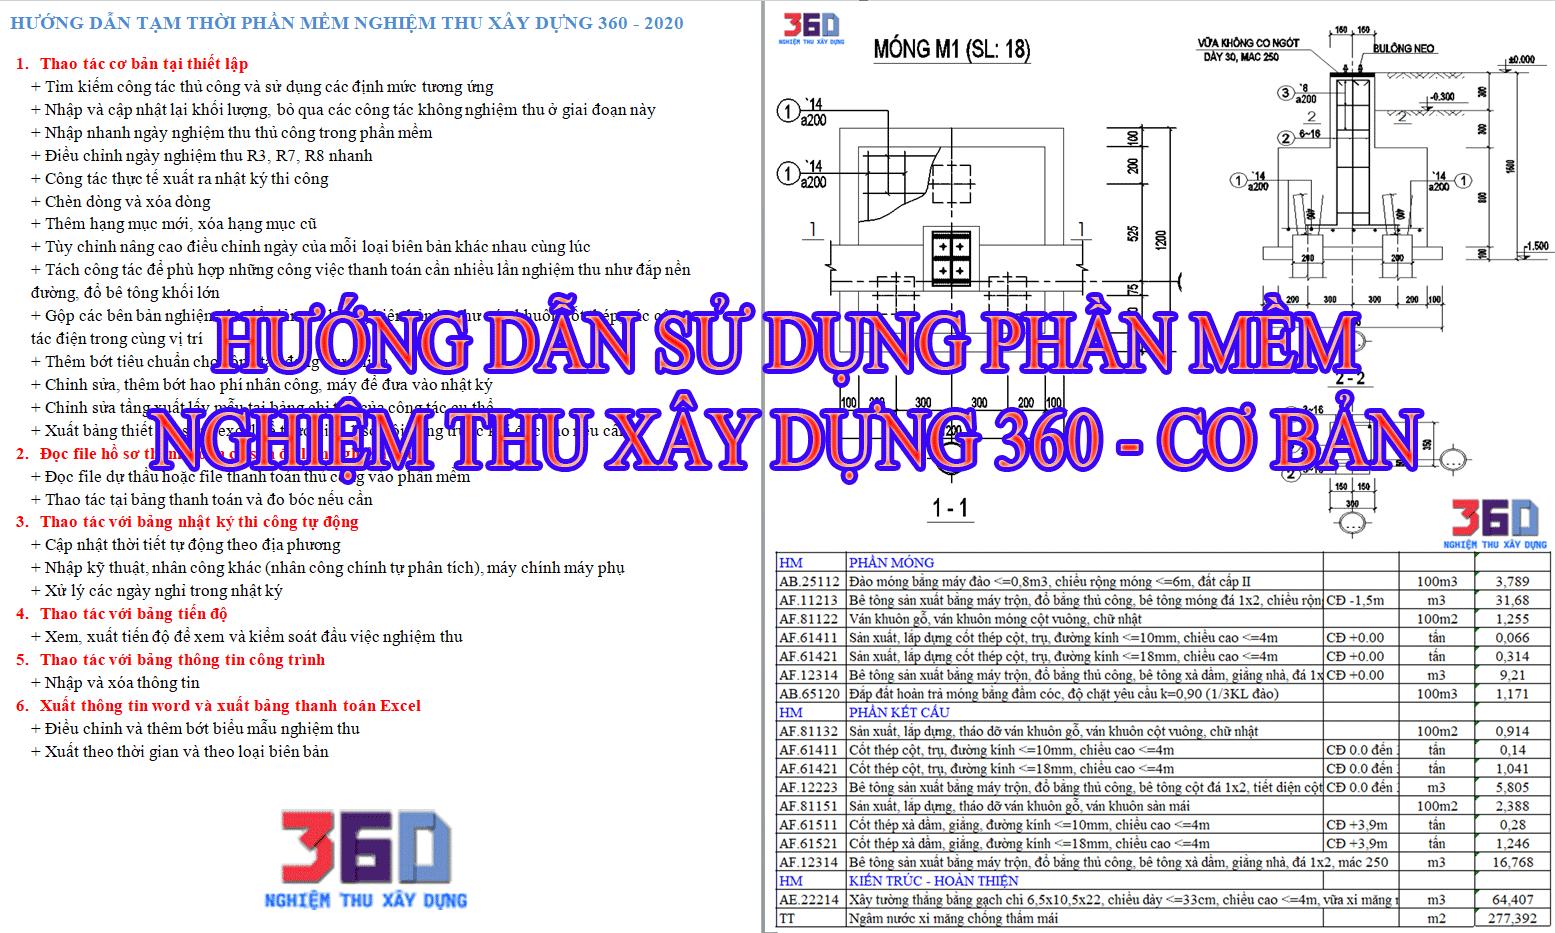 Hướng dẫn sử dụng các chức năng cơ bản để lập bộ hồ sơ nghiệm thu hoàn công nhật ký trên NTXD360